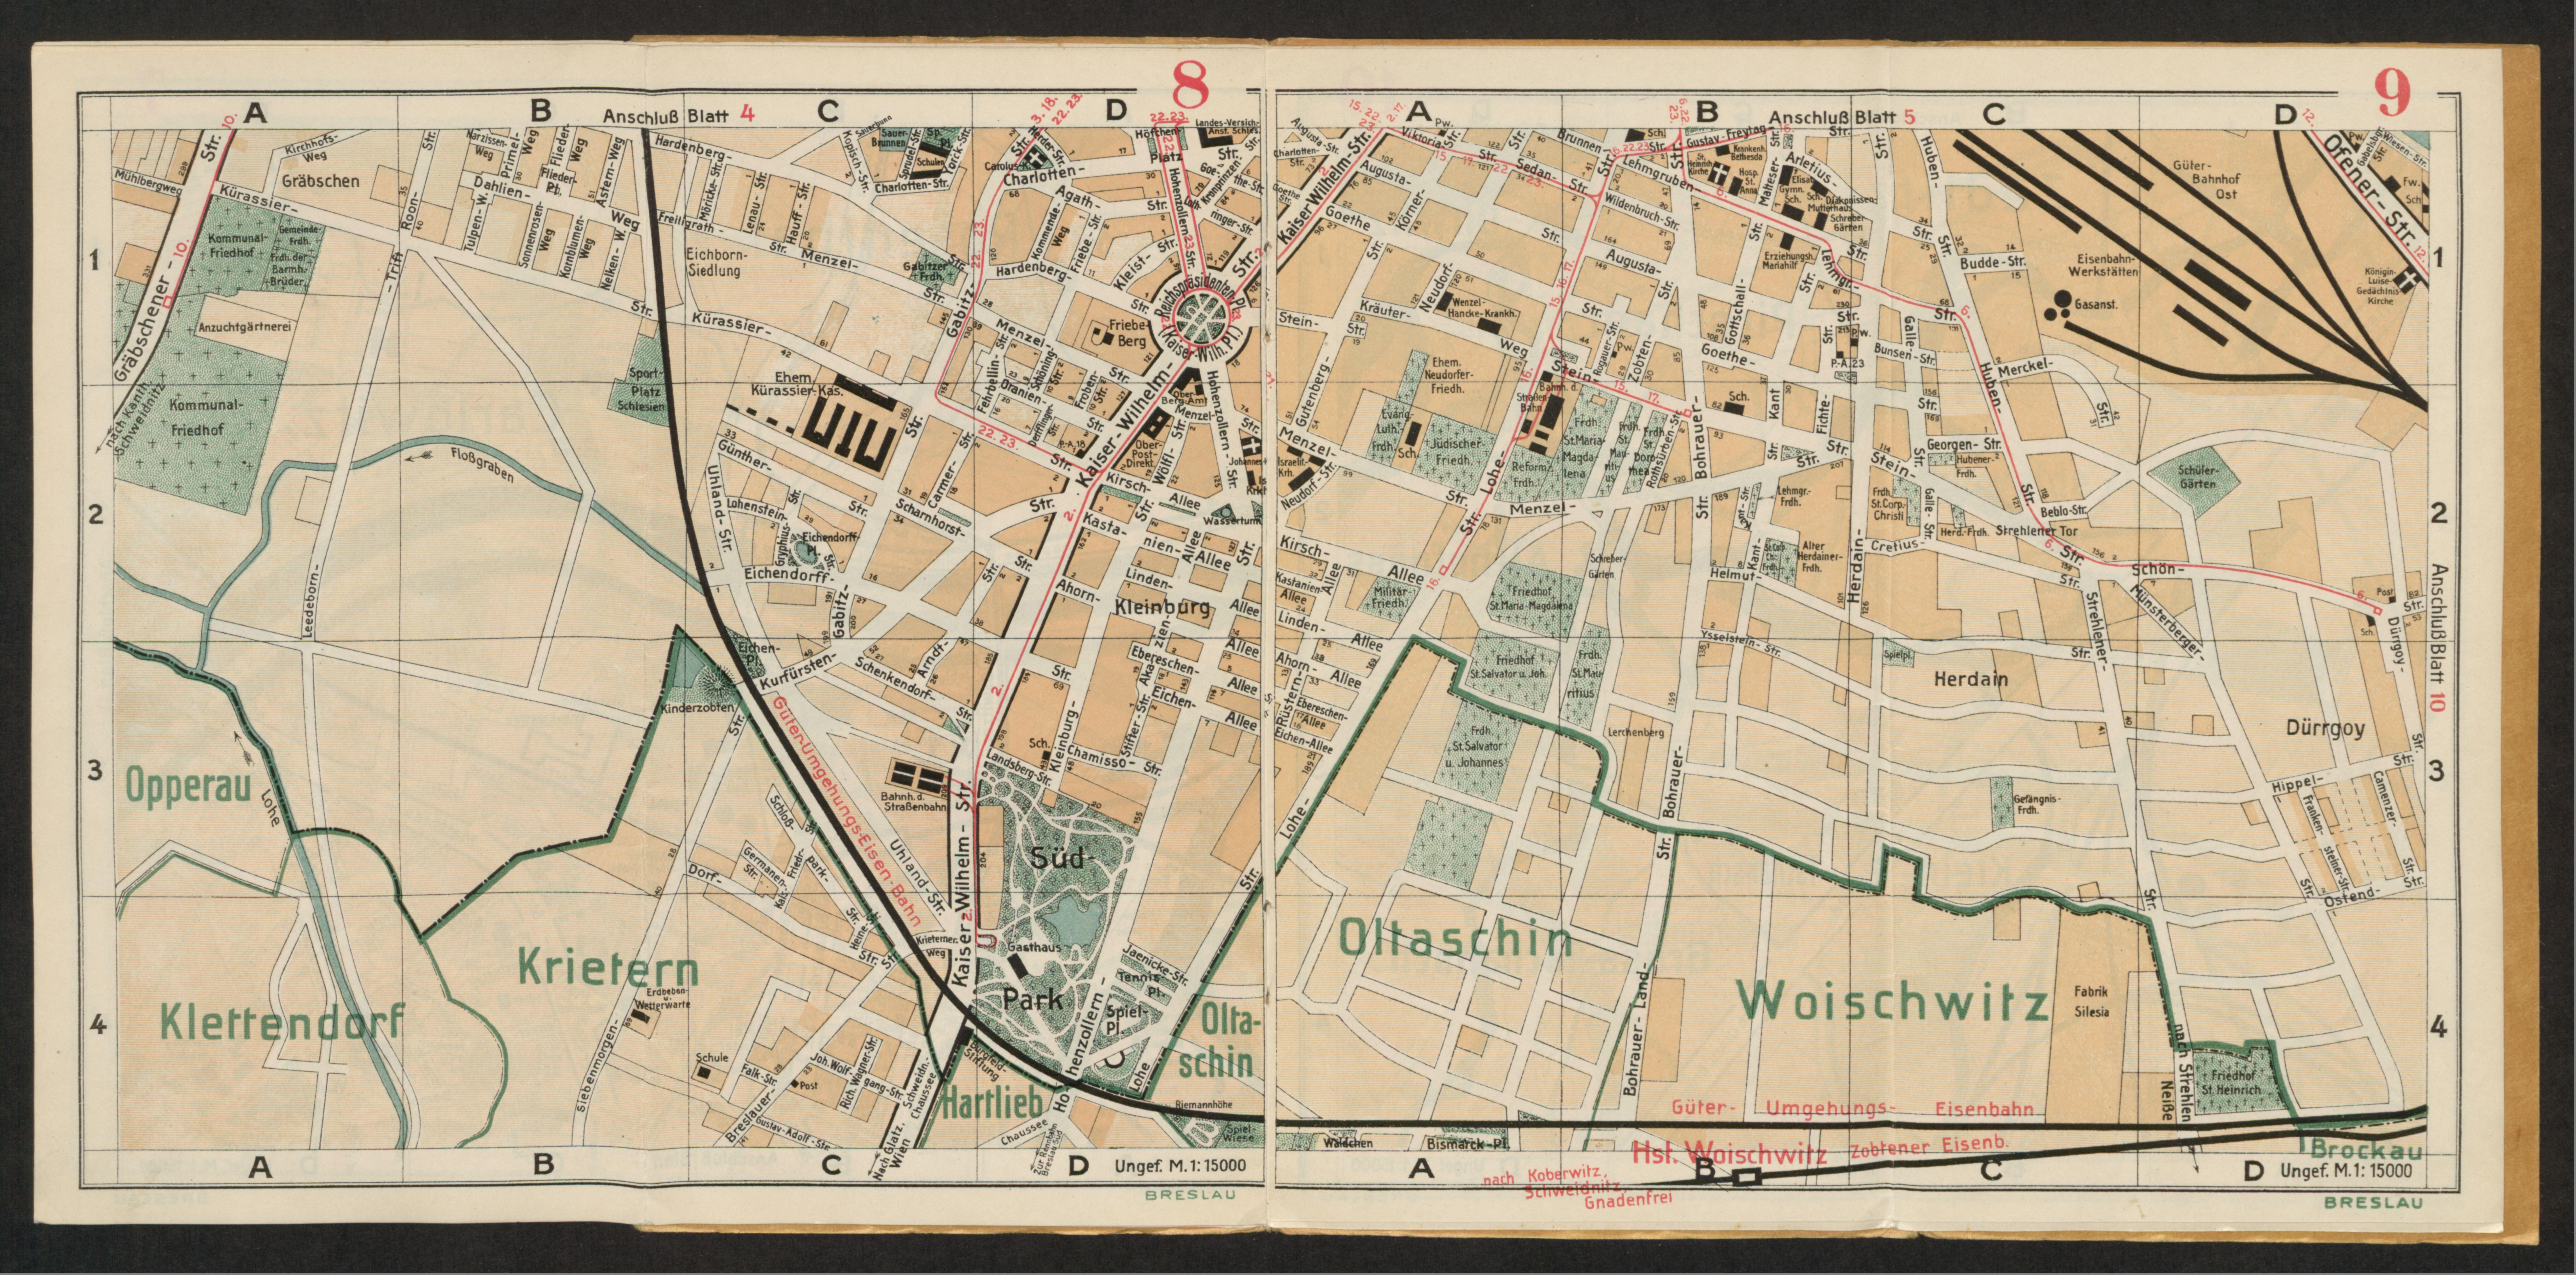 Breslau Karte 1930.Gefundene Karten